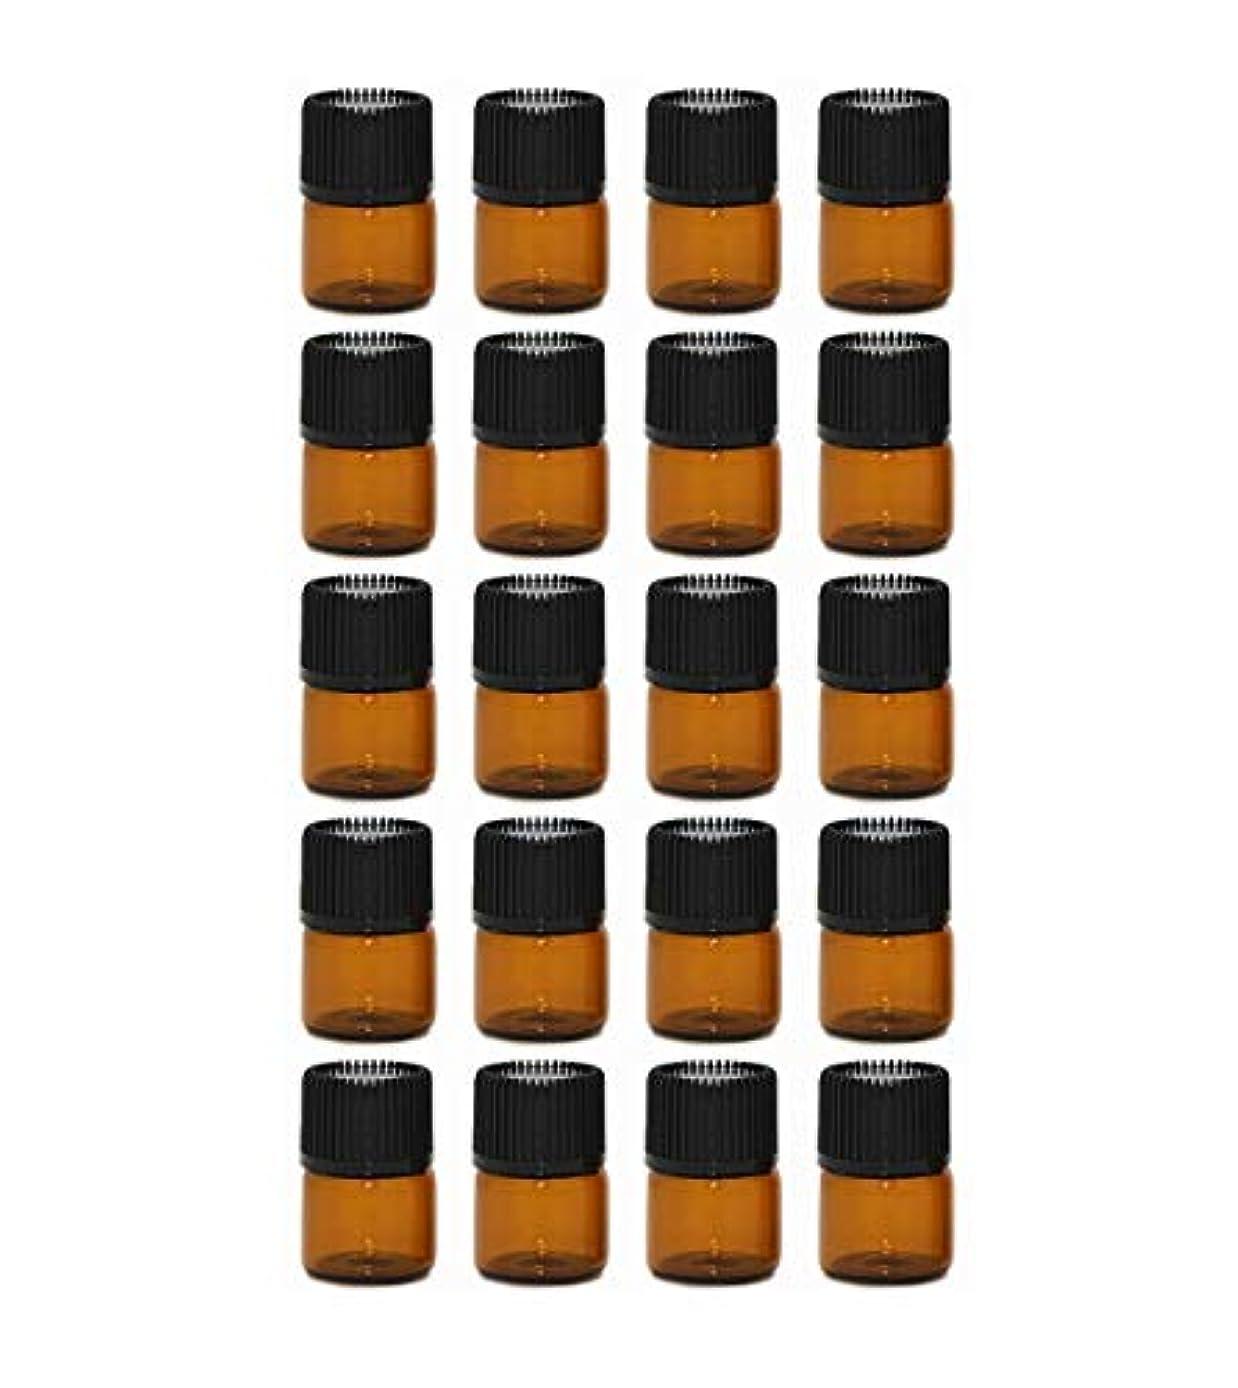 シェア等黙精油 小分け用 ボトル オイル 用 茶色 瓶 アロマオイル 遮光瓶 エッセンシャルオイル 保存瓶 1ml 15本セット